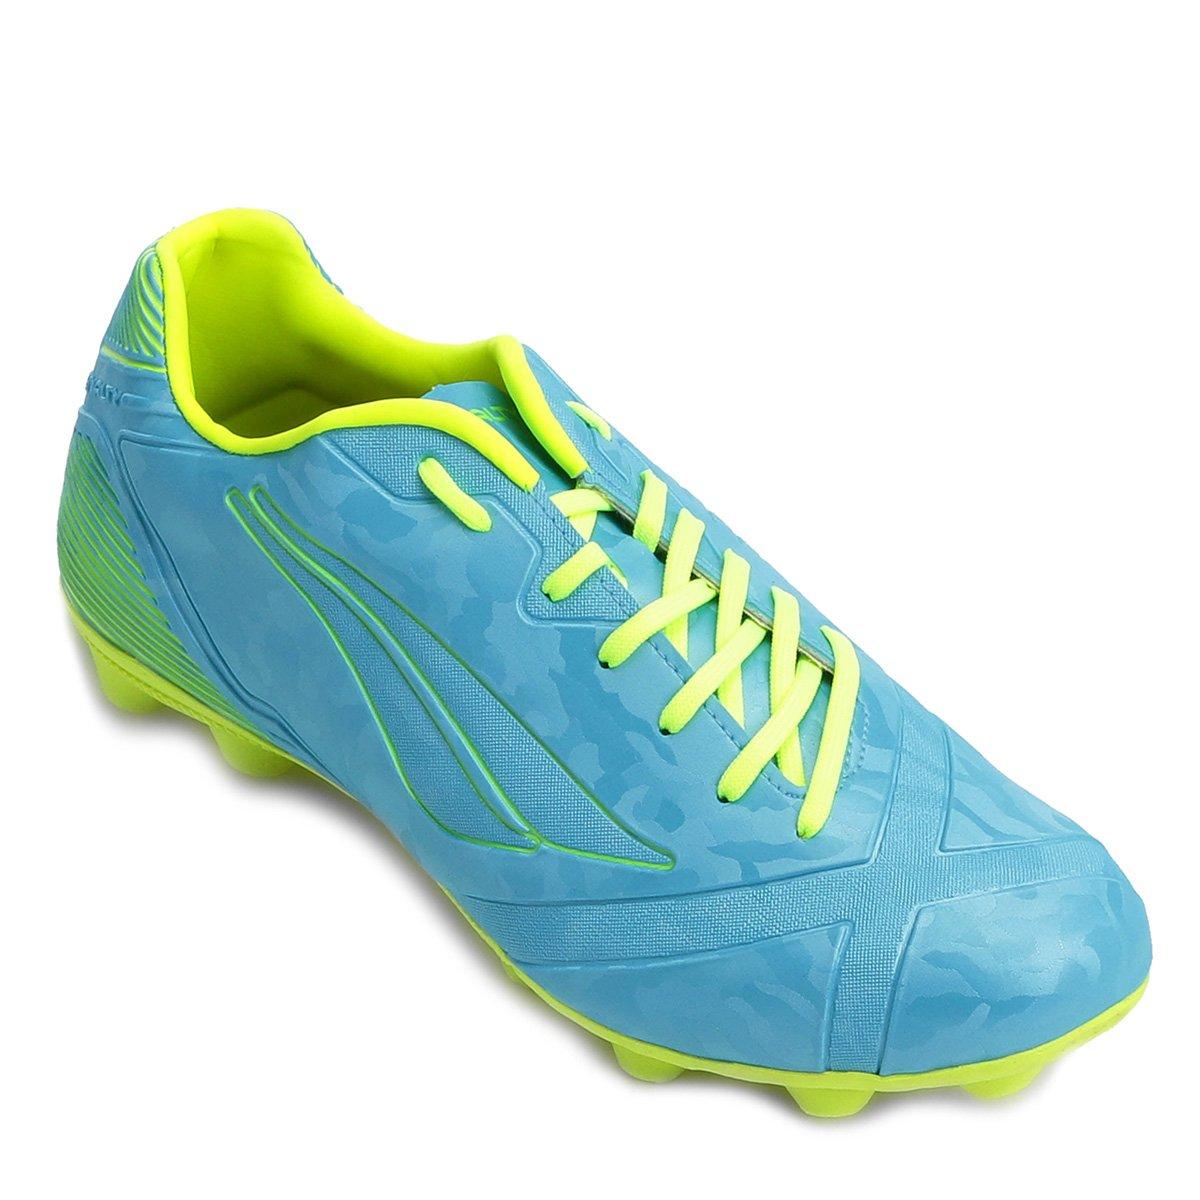 b329b42238f2d Chuteira Campo Penalty Victoria RX VIII - Verde Limão e Azul - Compre Agora